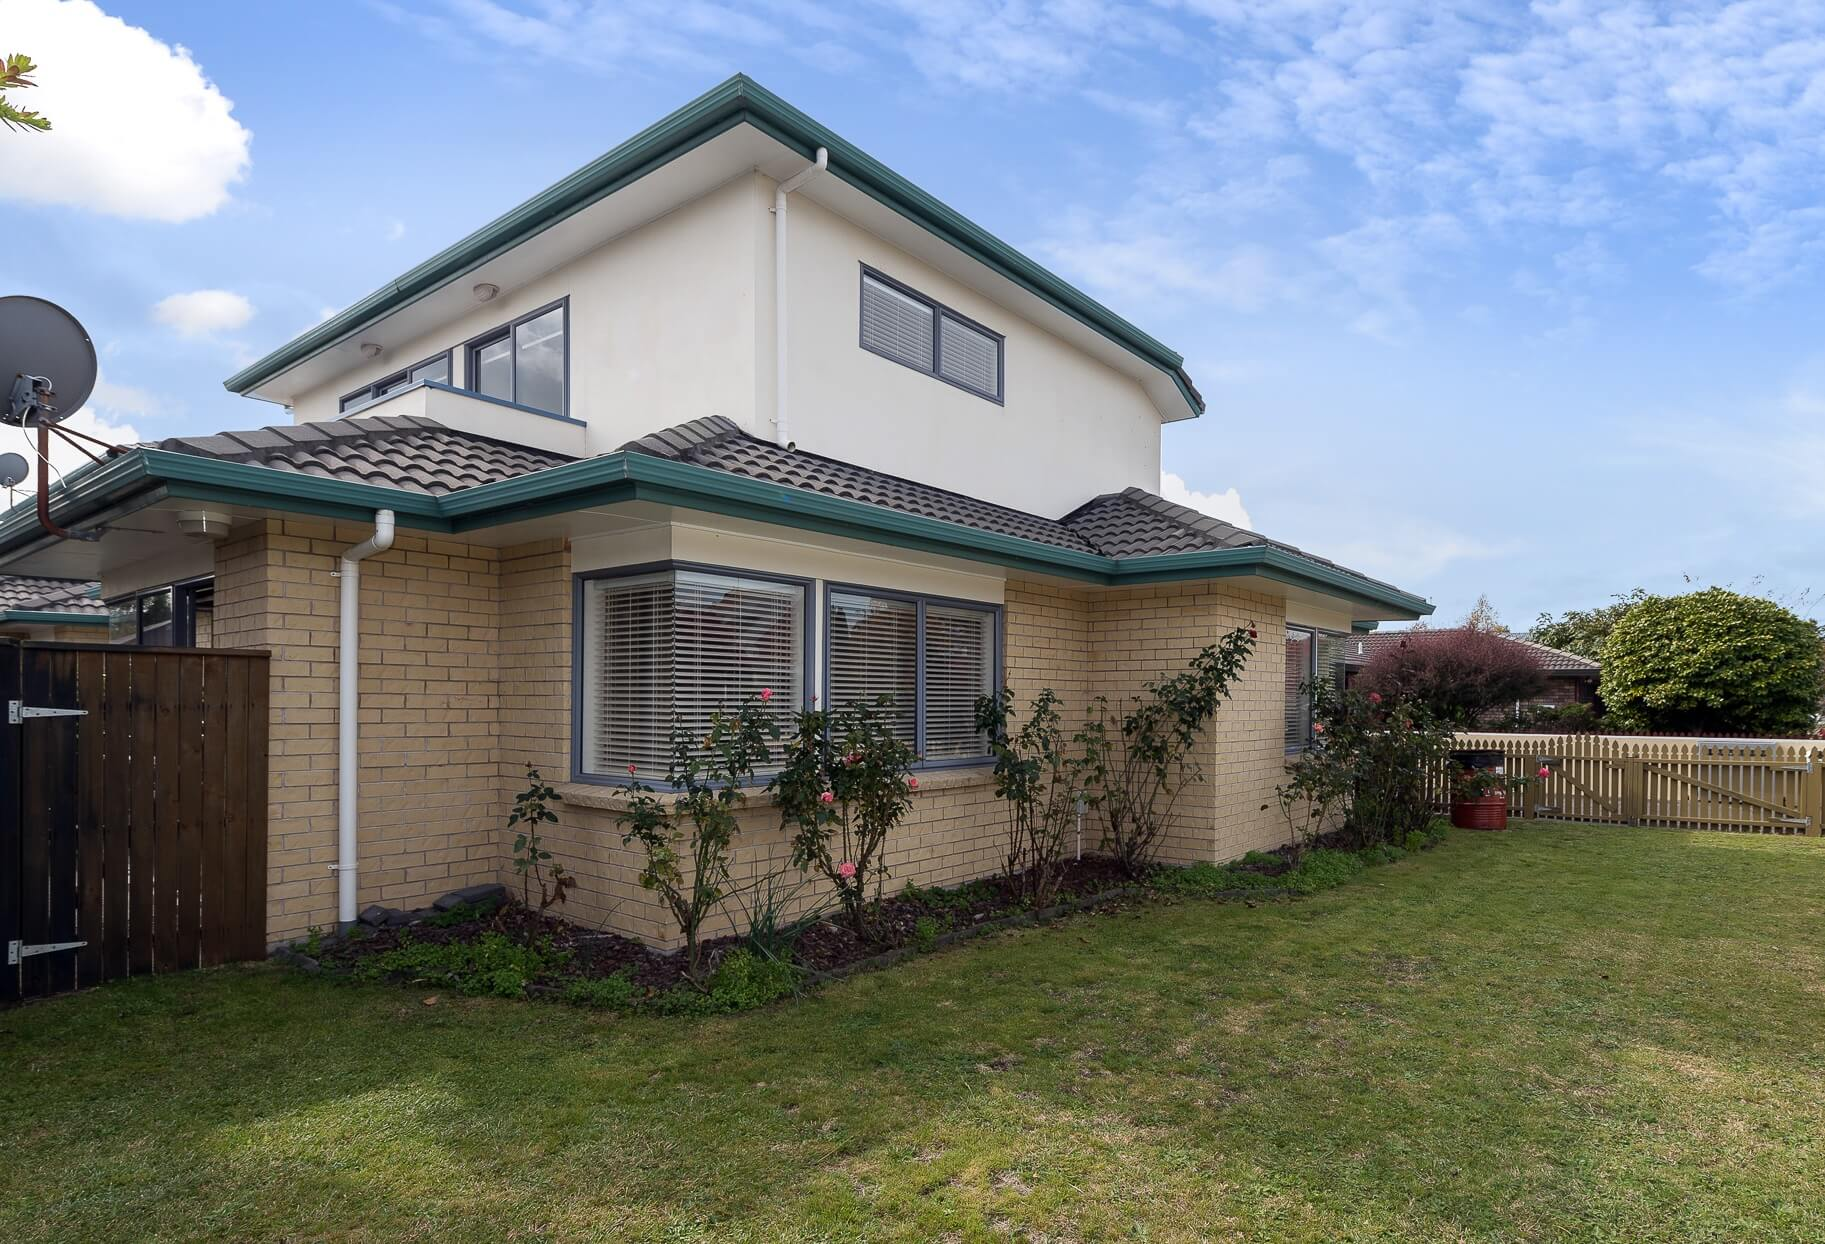 Rotorua Townhouse Yard View | Palm Court Rotorua